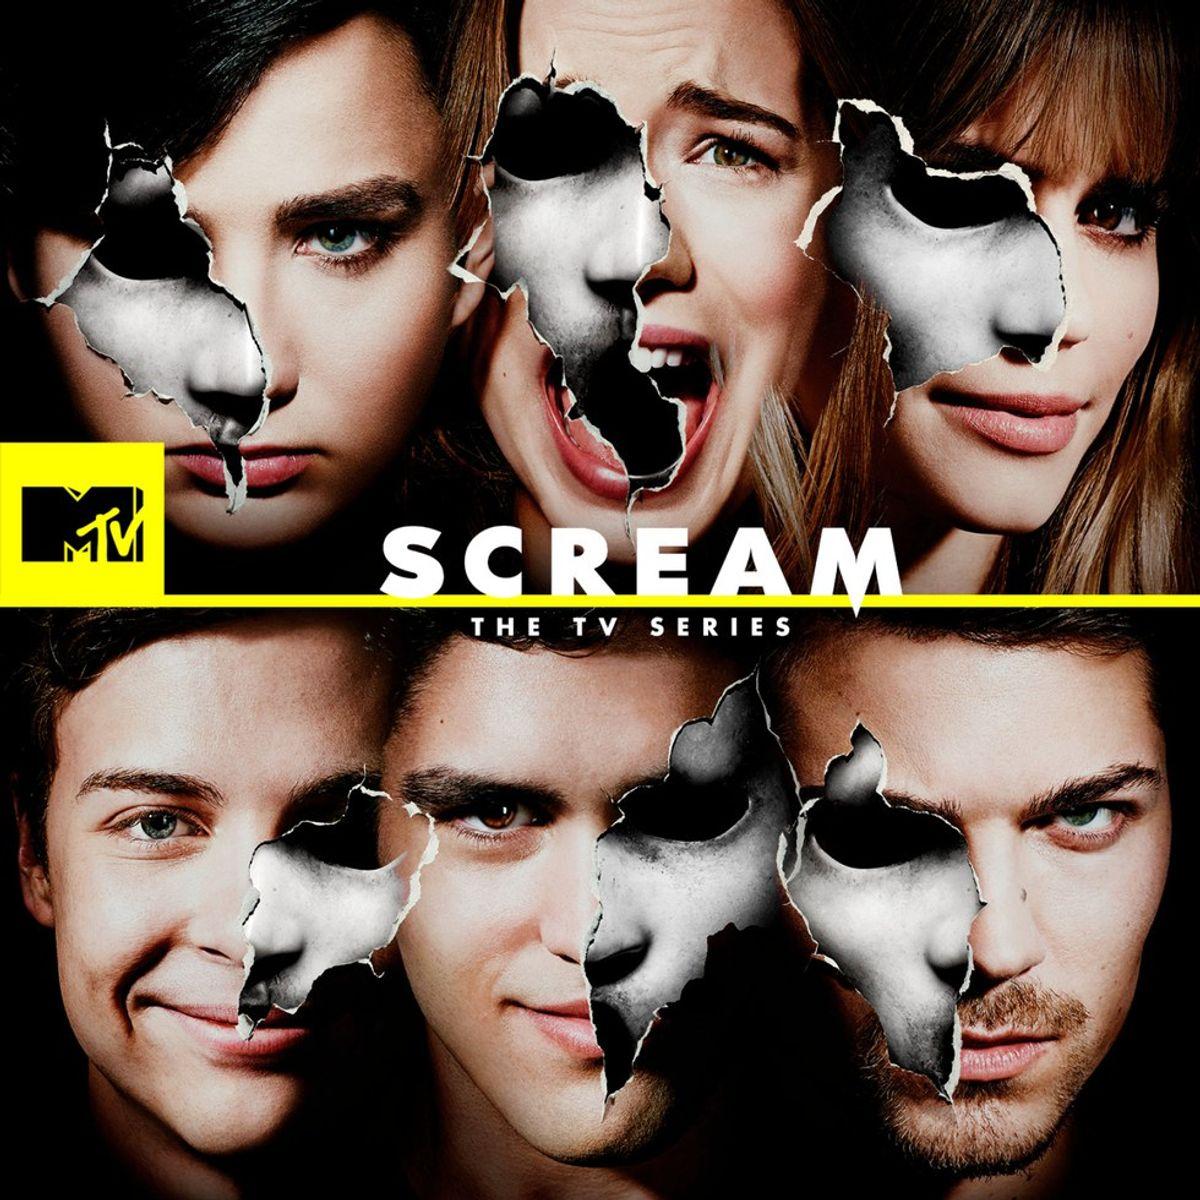 Scream: The TV Series Recap